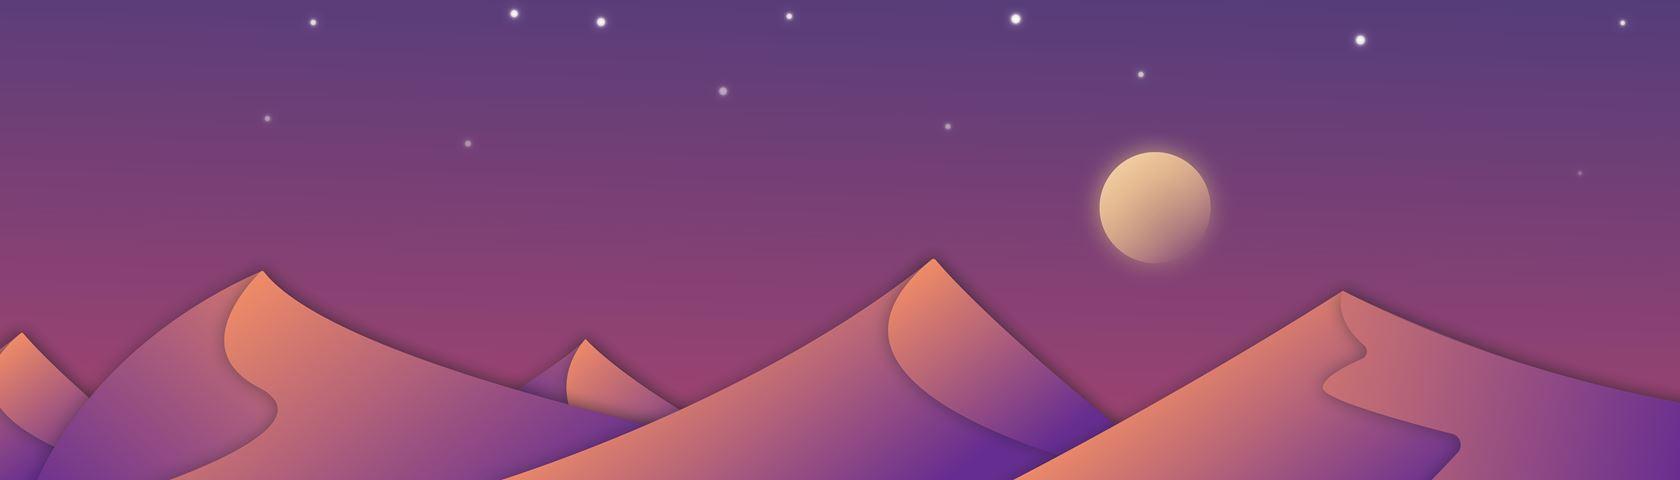 Flat Design Desert